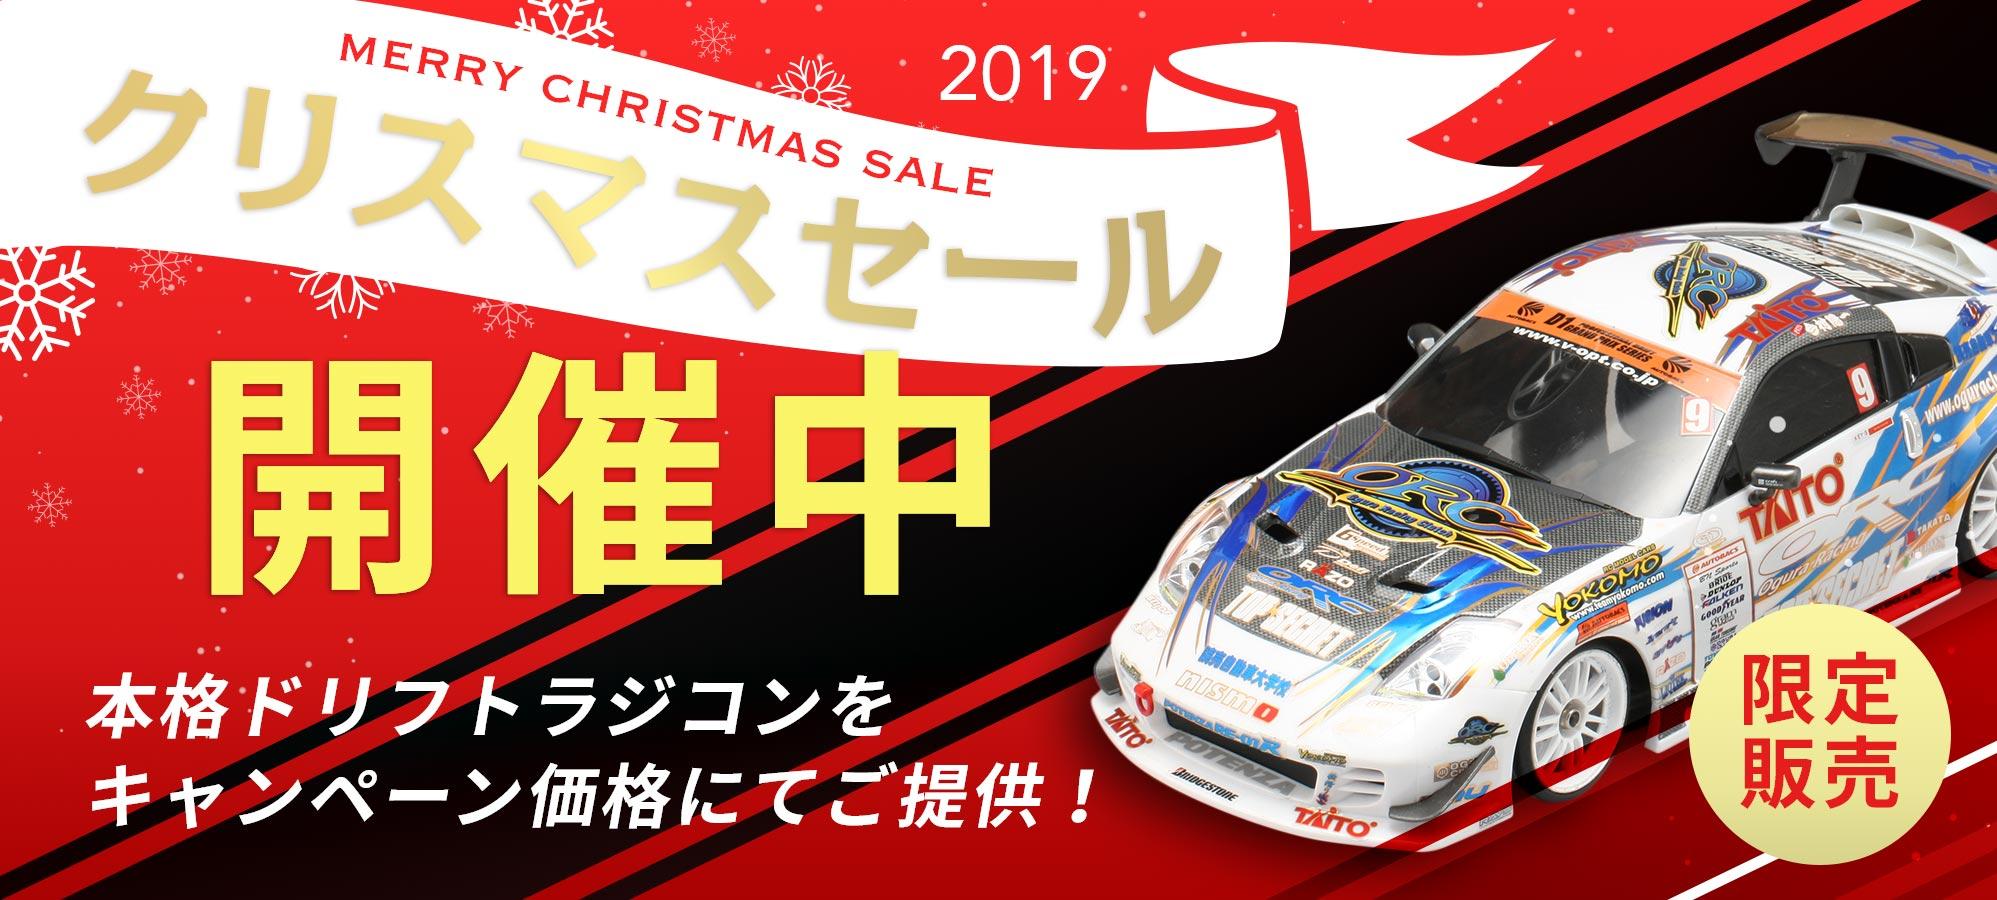 クリスマスセール開催中 本格ドリフトラジコンをキャンペーン価格にてご提供!